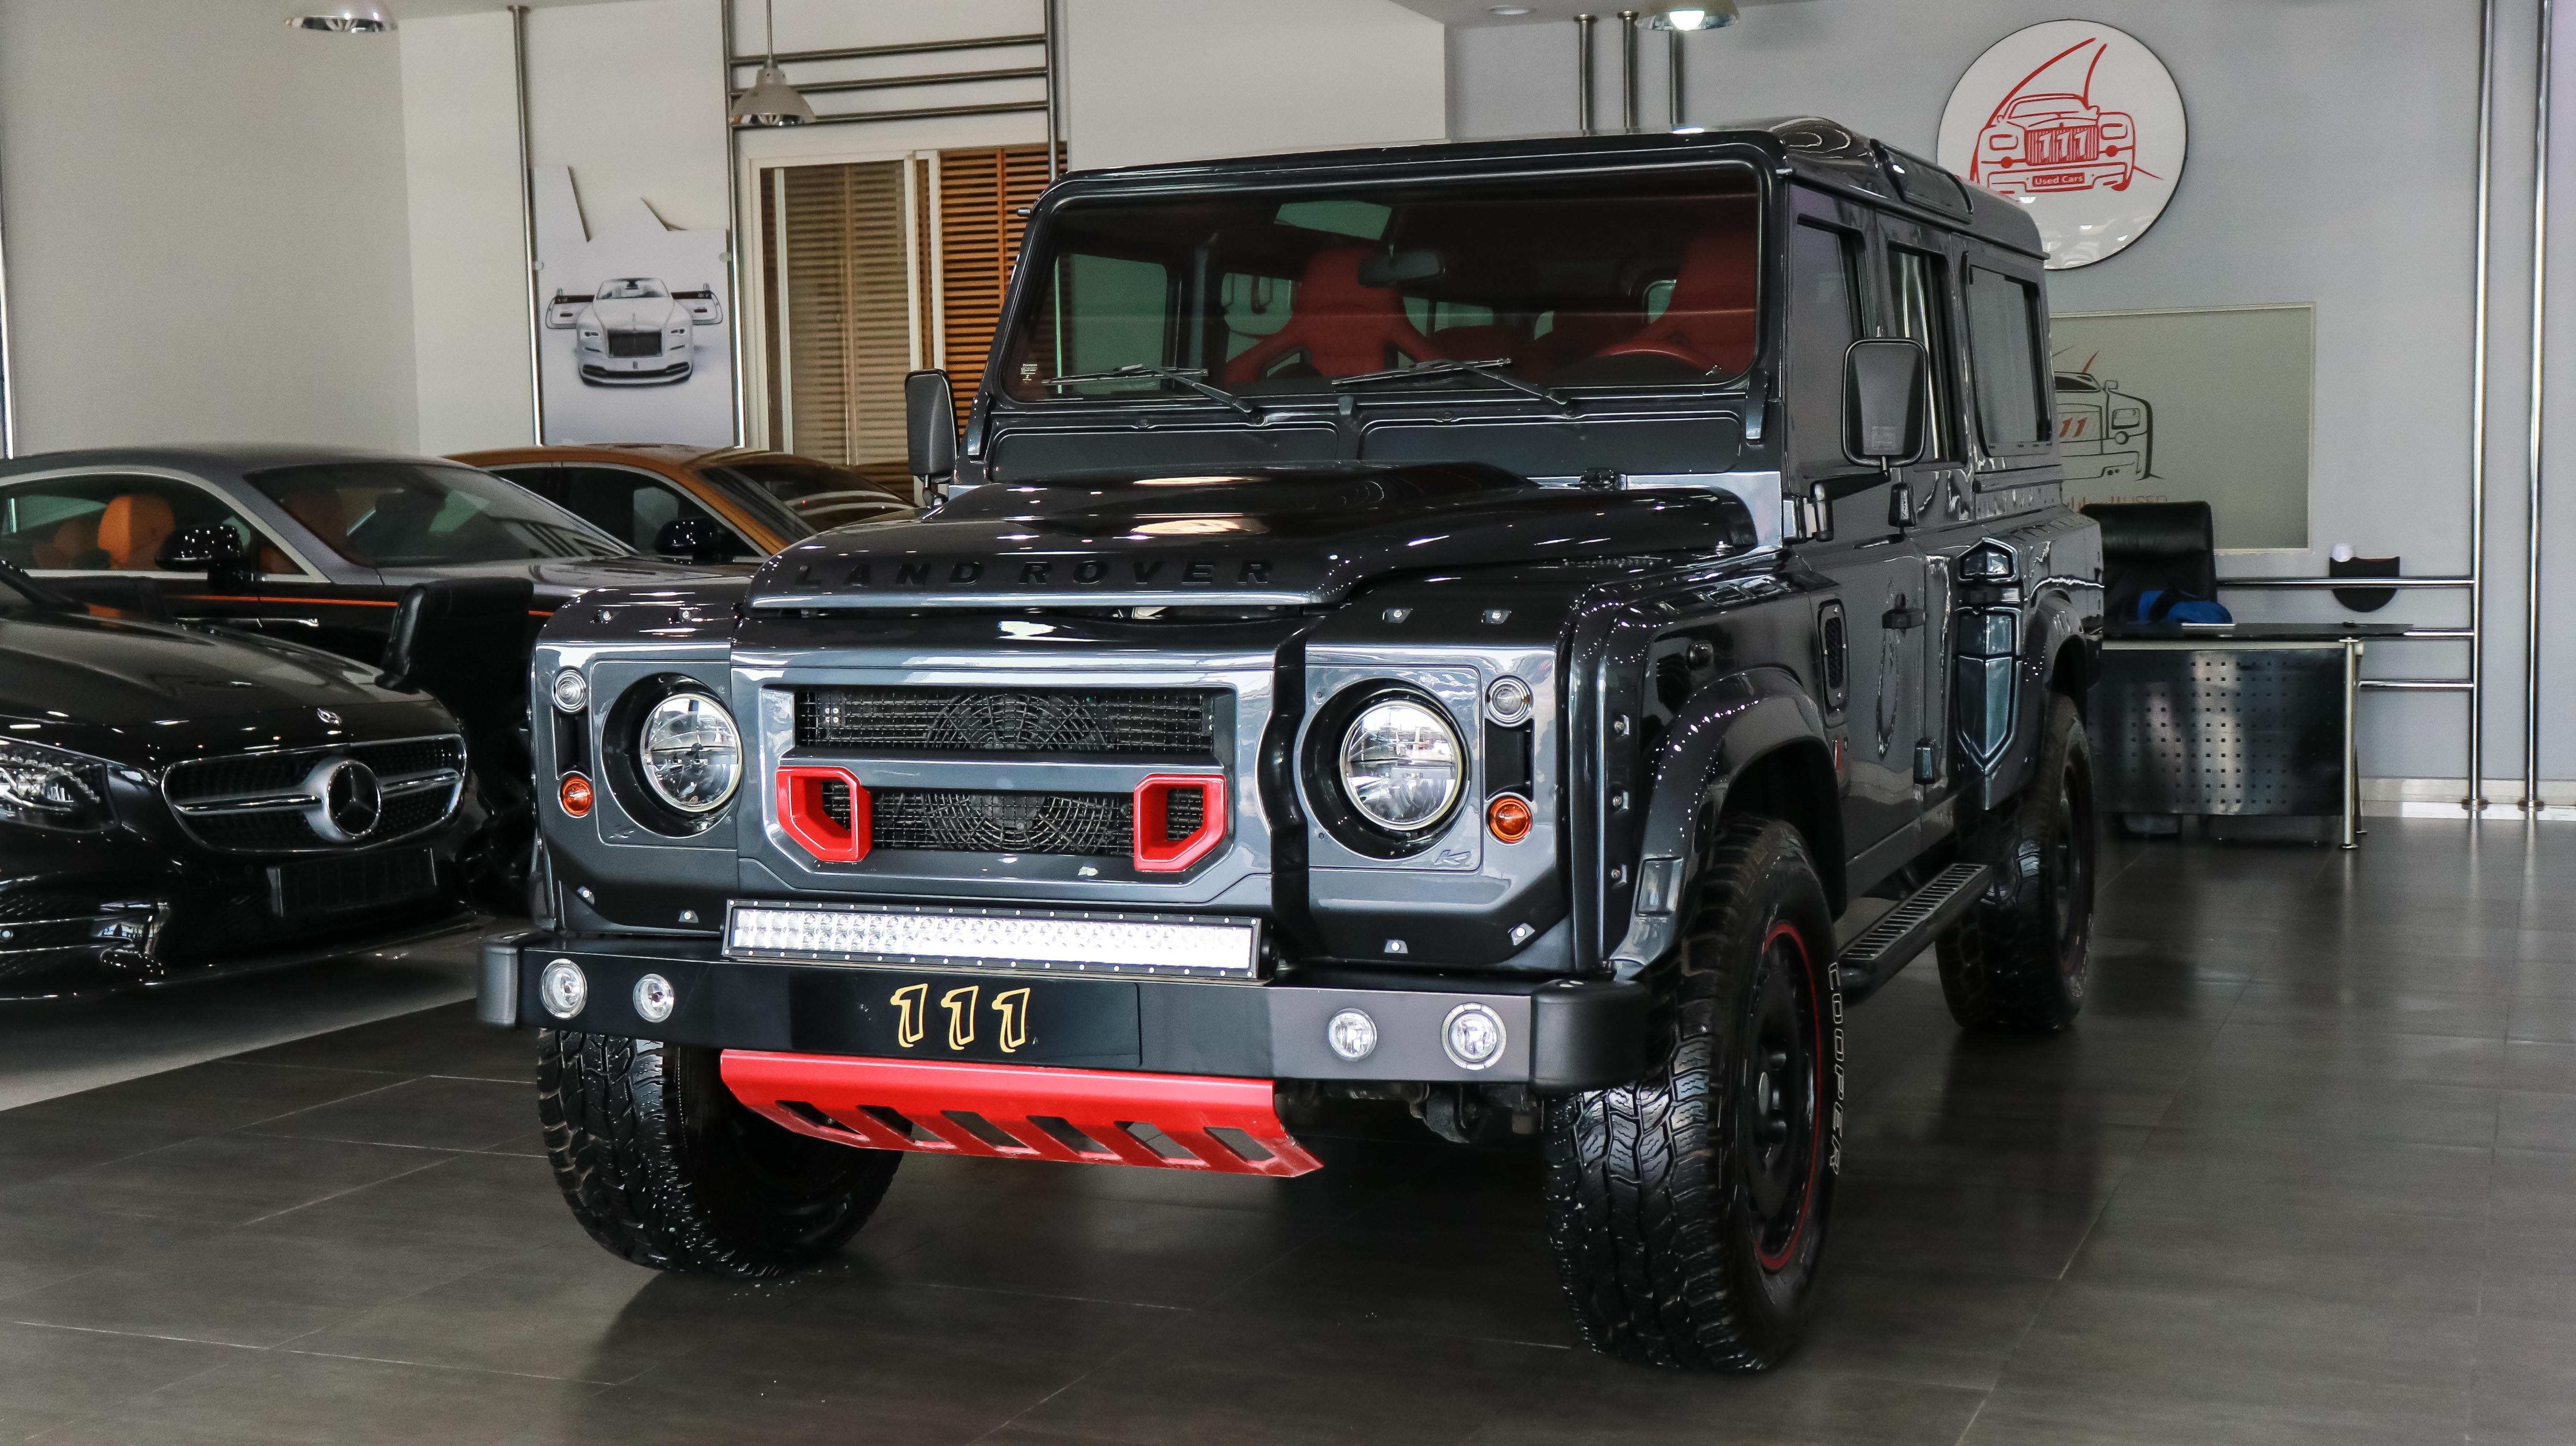 2014-Land-Rover-Defender-Kahn-Body-Kit-Grey-Red-GCC-01.jpg